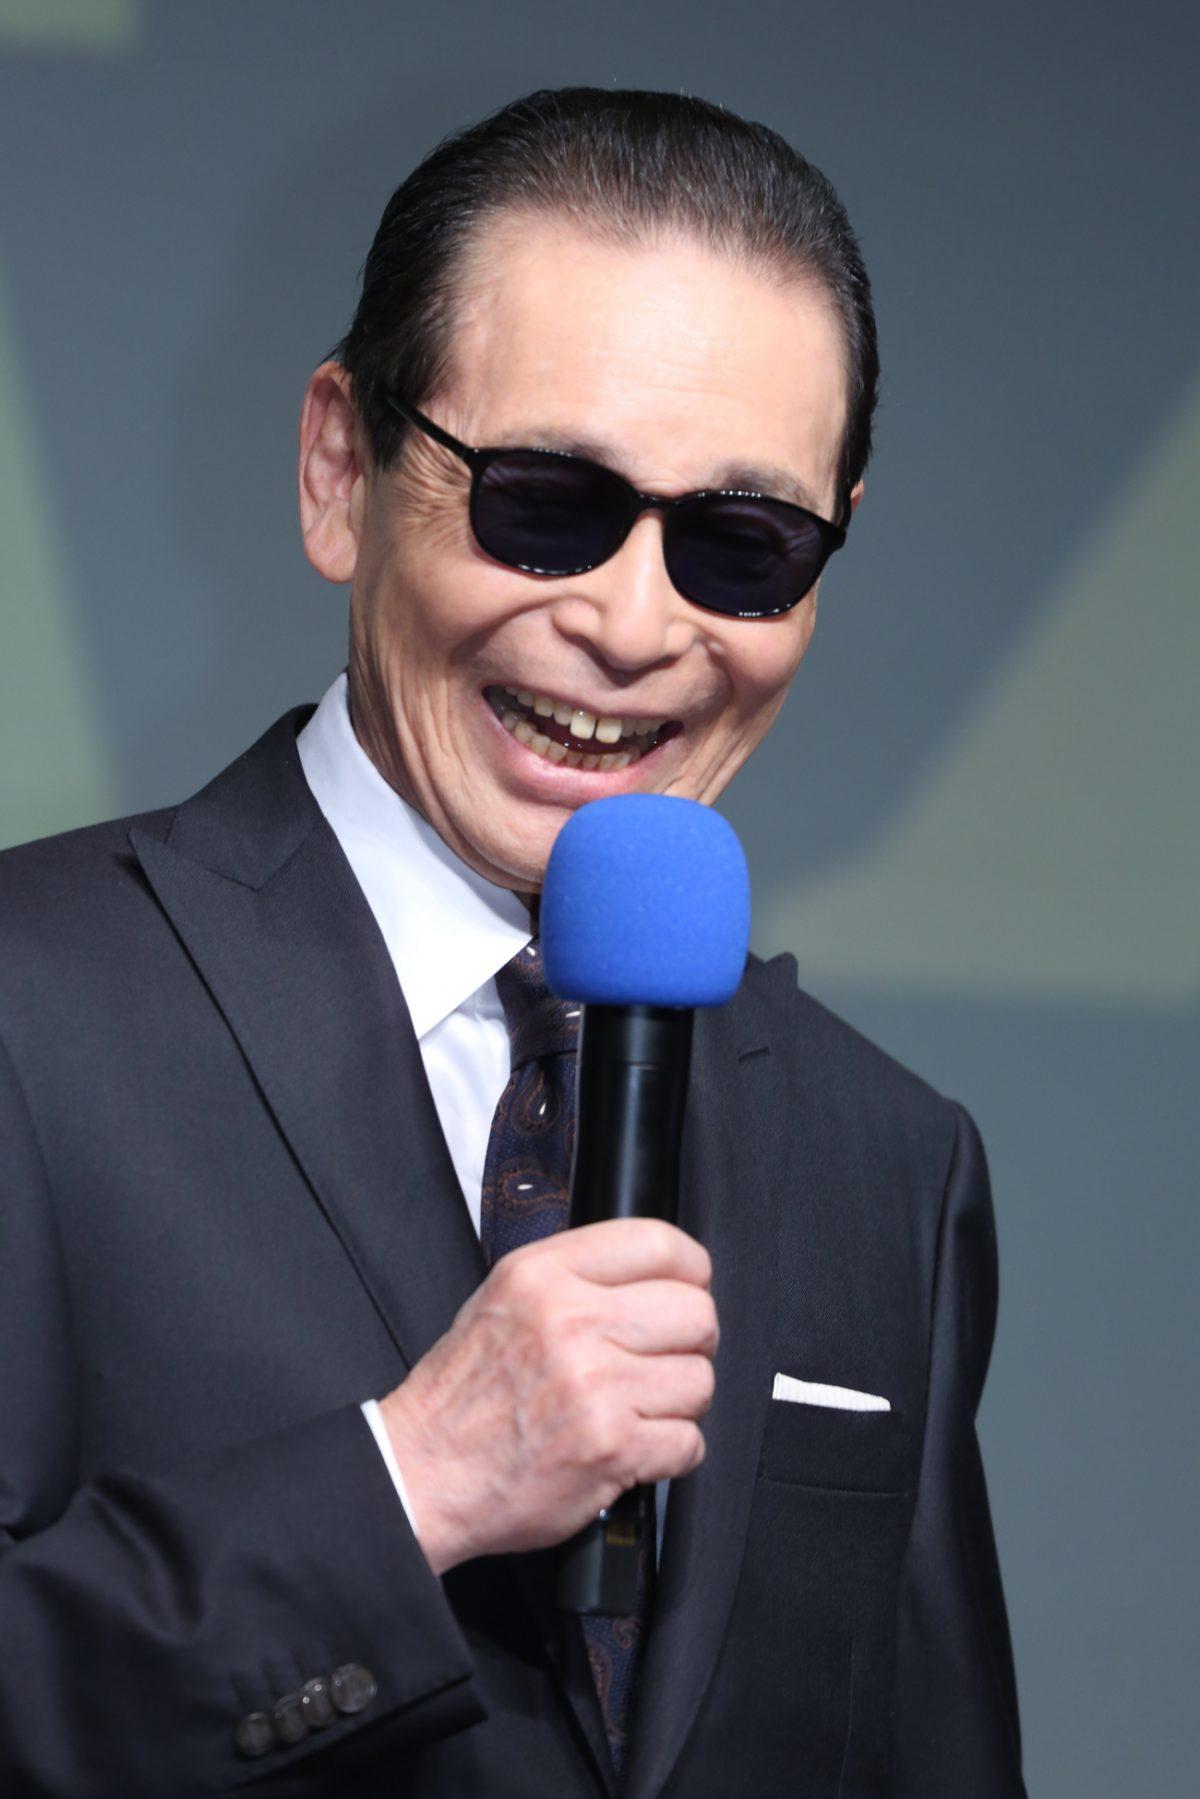 一問一報/タモリ